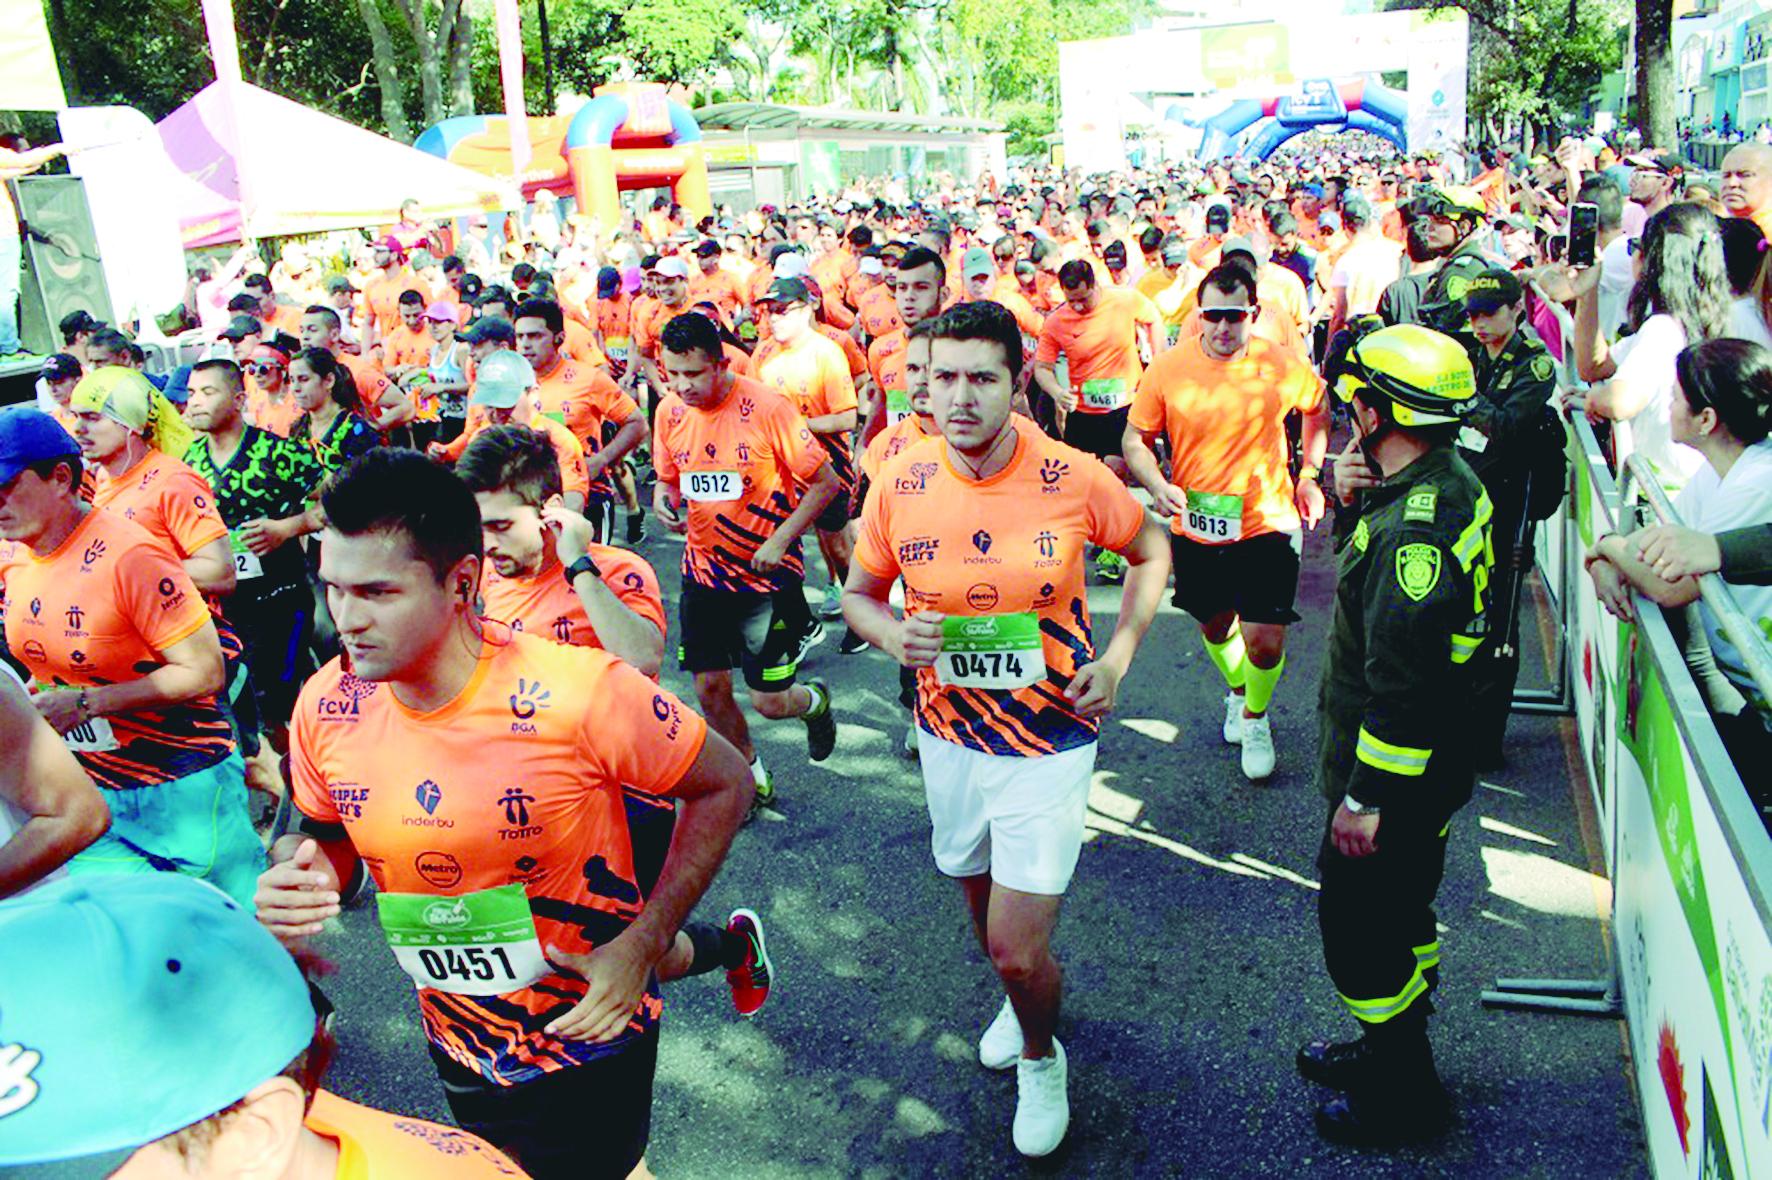 Todo listo para la Media Maratón de Bucaramanga – FCV | Local | Deportes | EL FRENTE